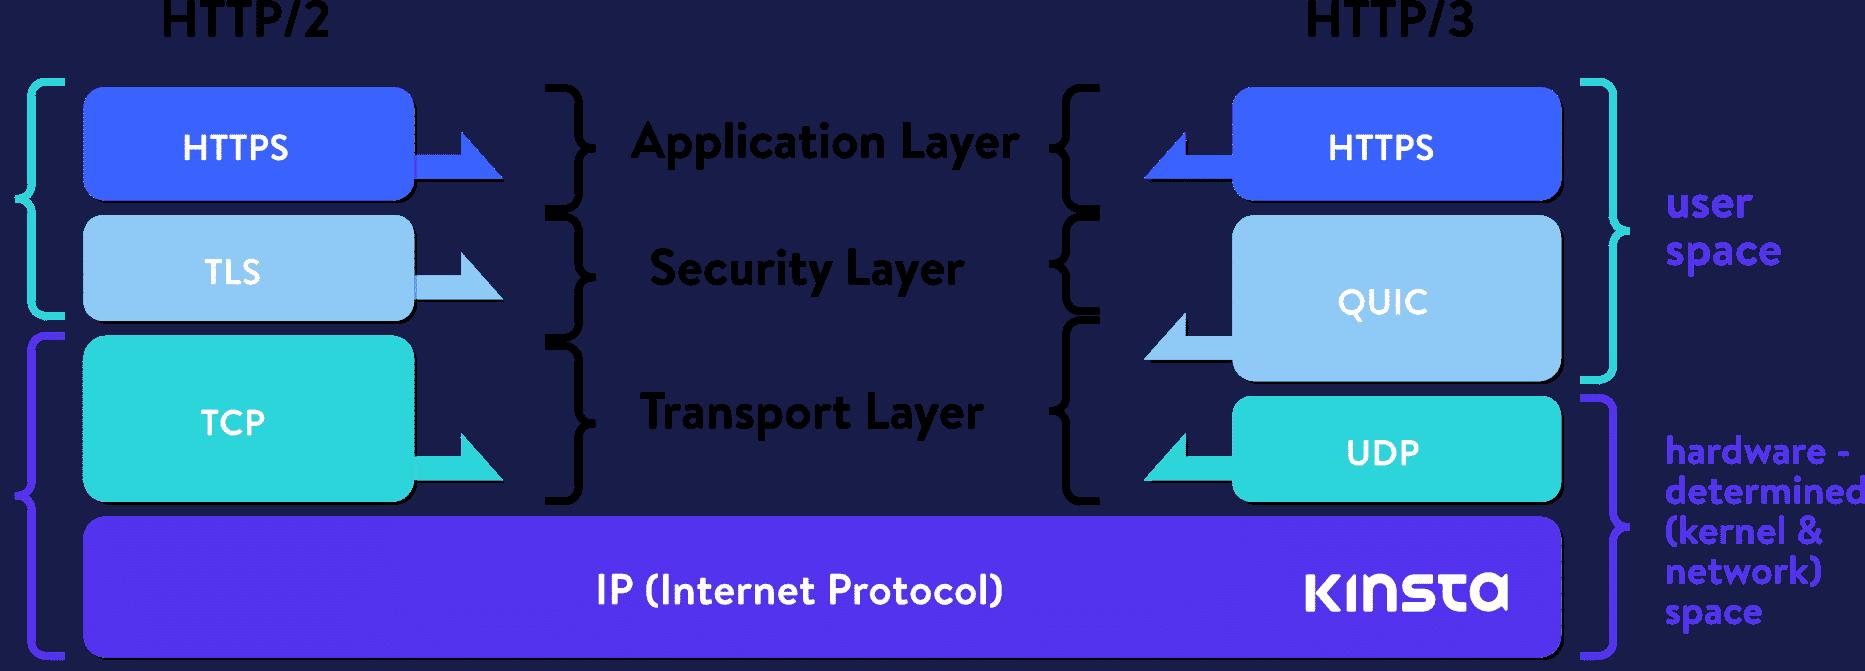 HTTP2 vs HTTP3 2